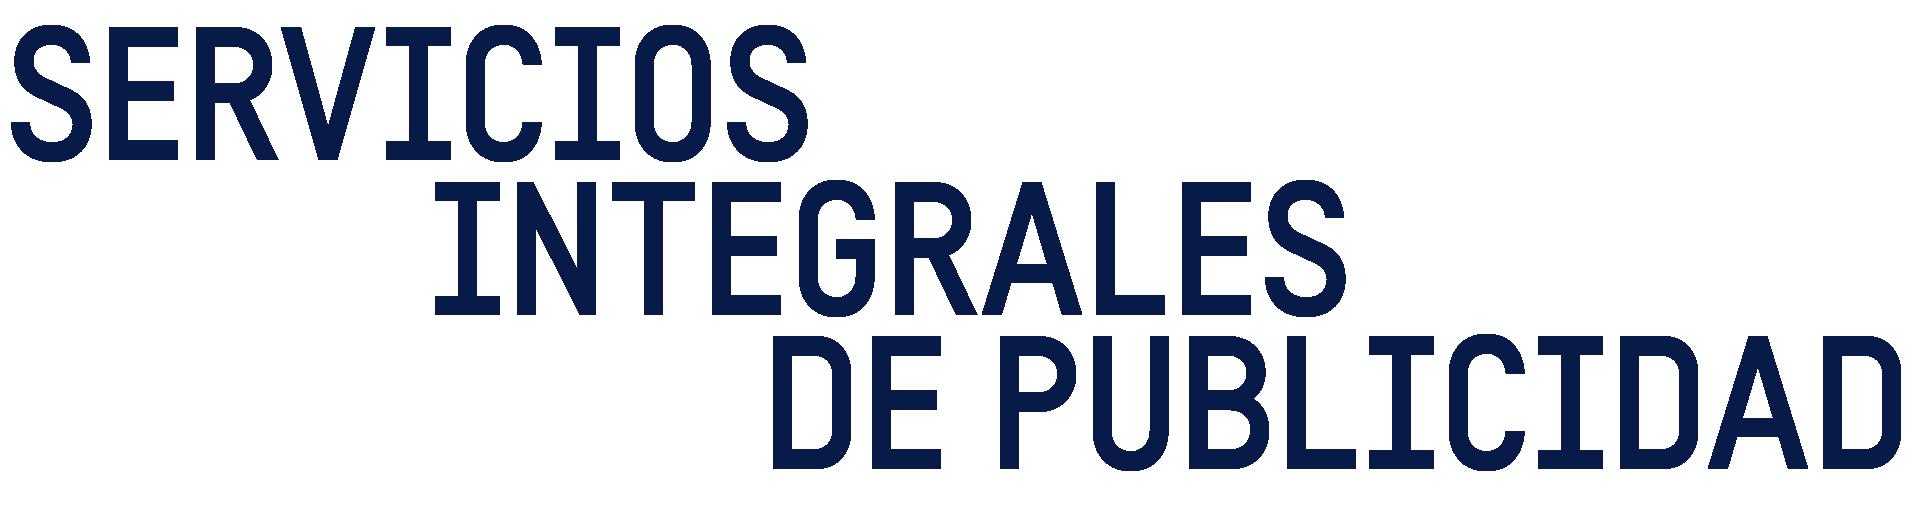 CYMA SERVICIOS INTEGRALES DE PUBLICIDAD (2)